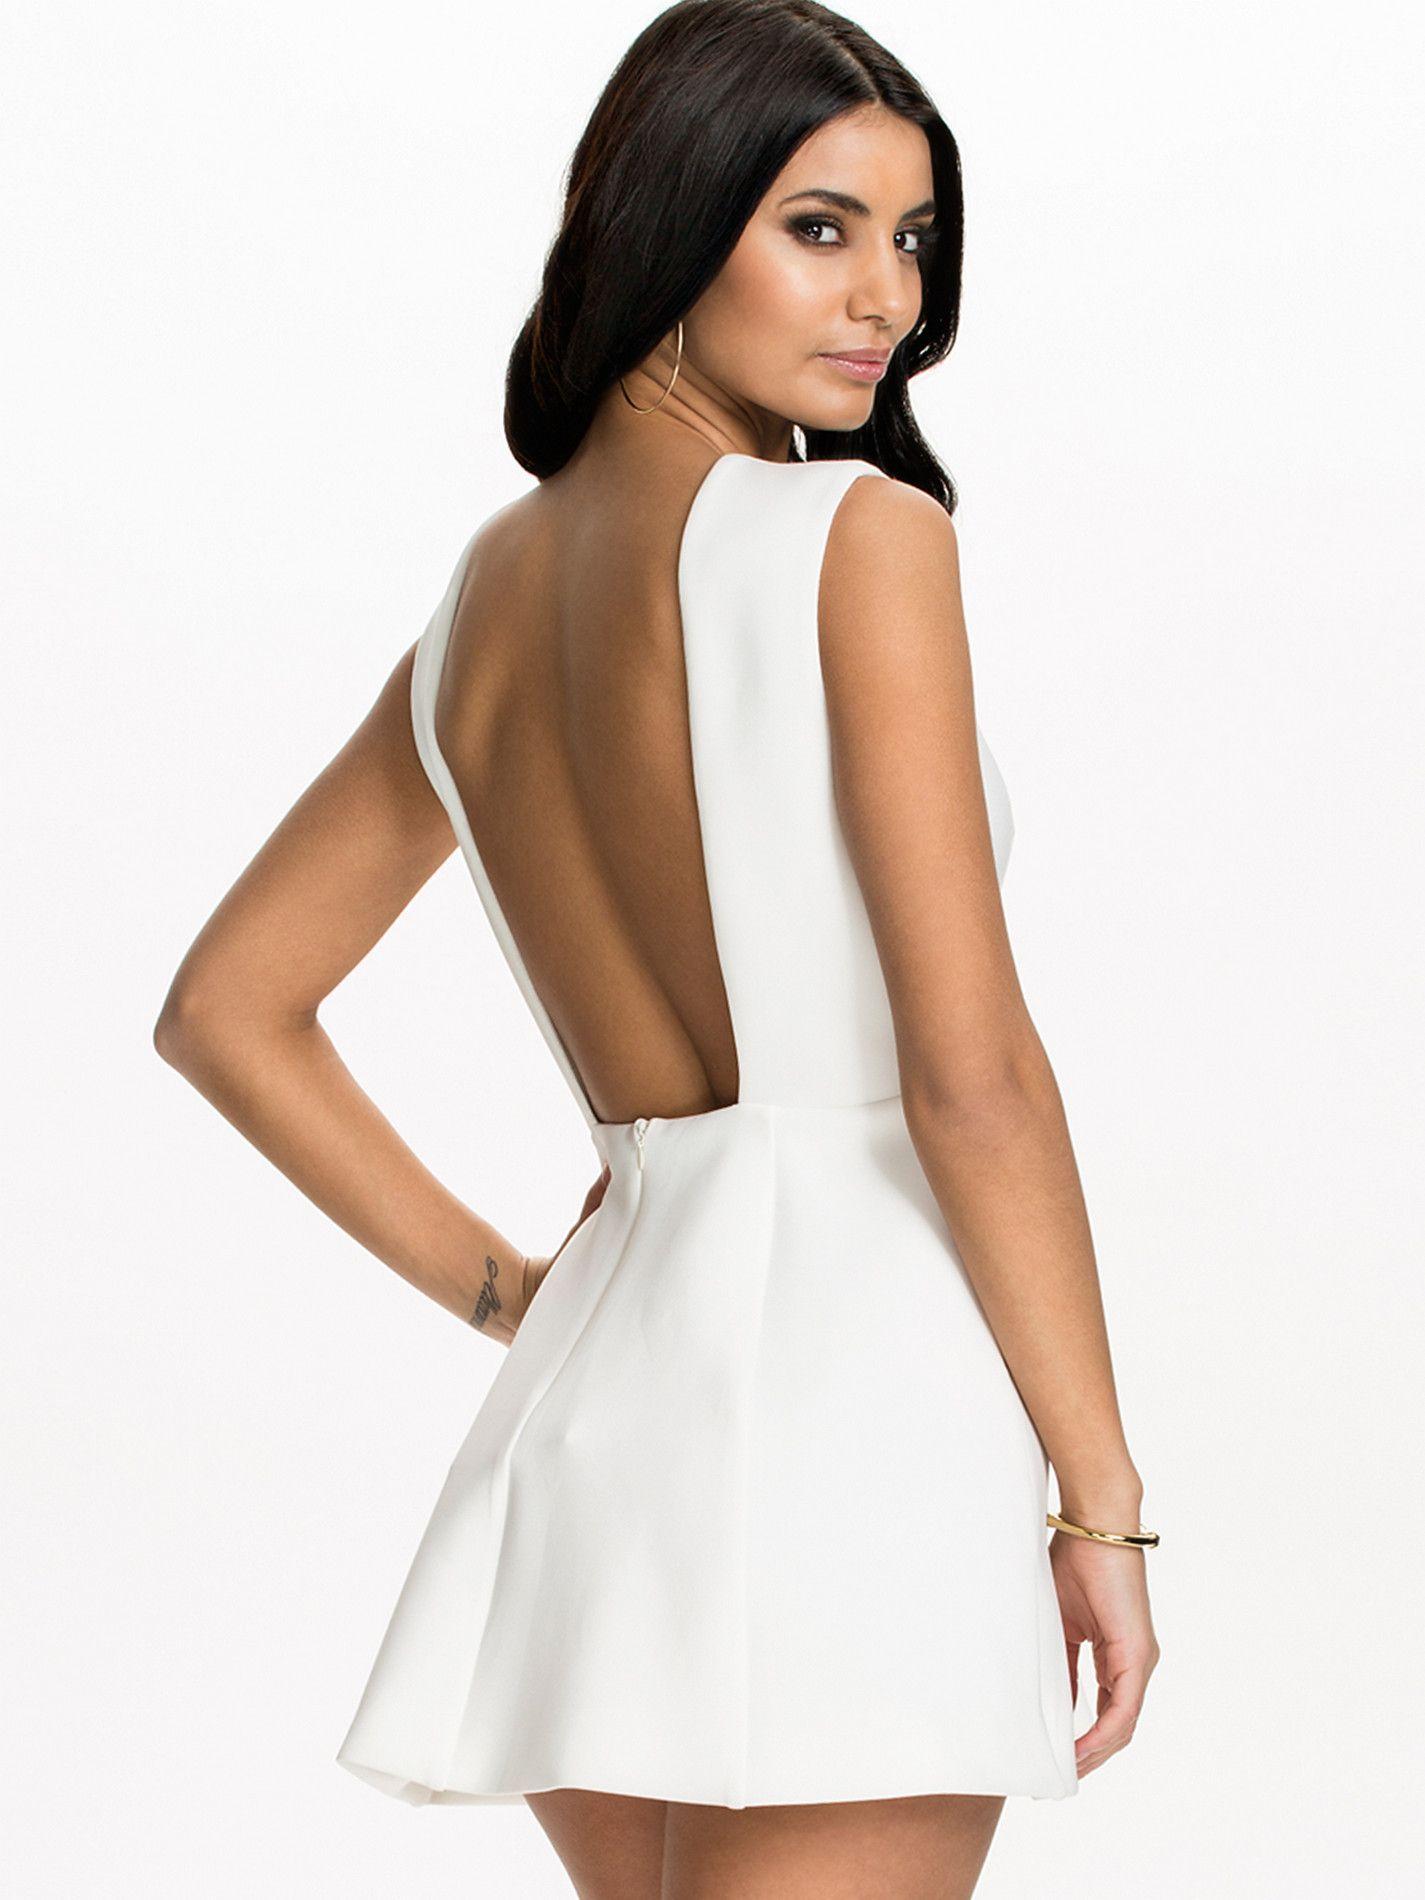 099cf132d35e1 Vestido blanco corto con escote en espalda